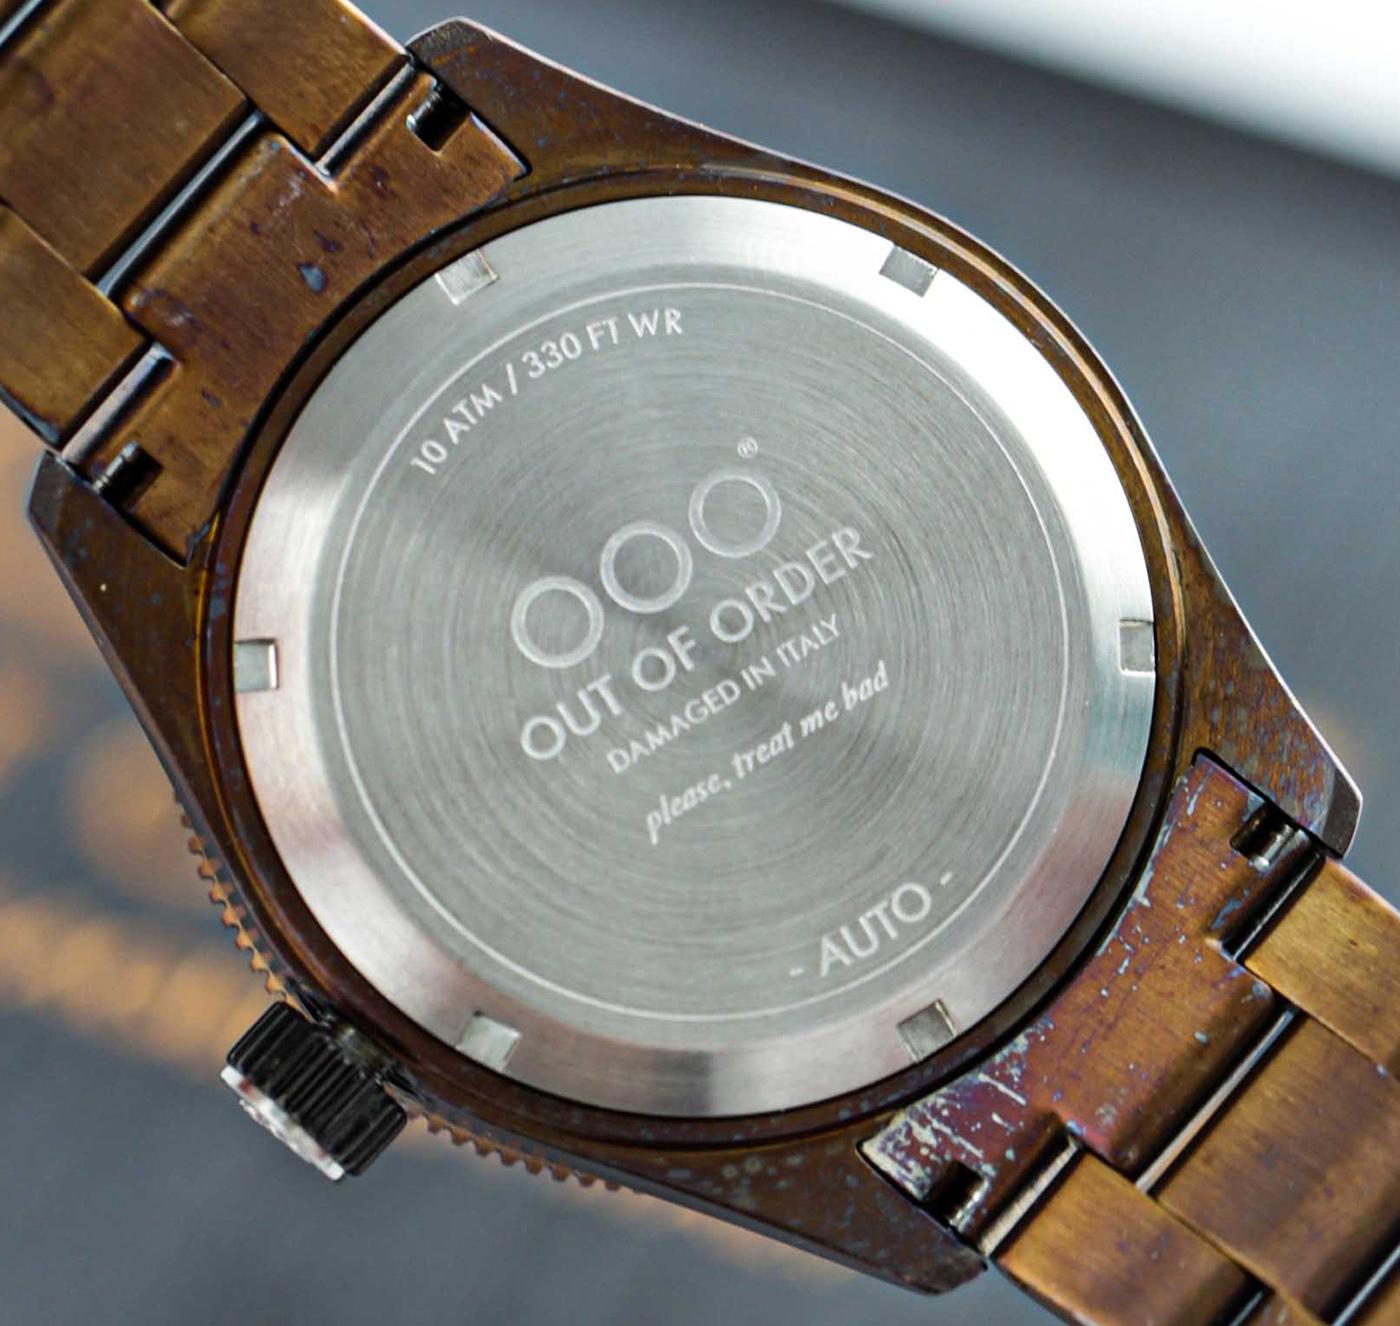 Out Of Order представляет коллекцию часов Auto 2.0